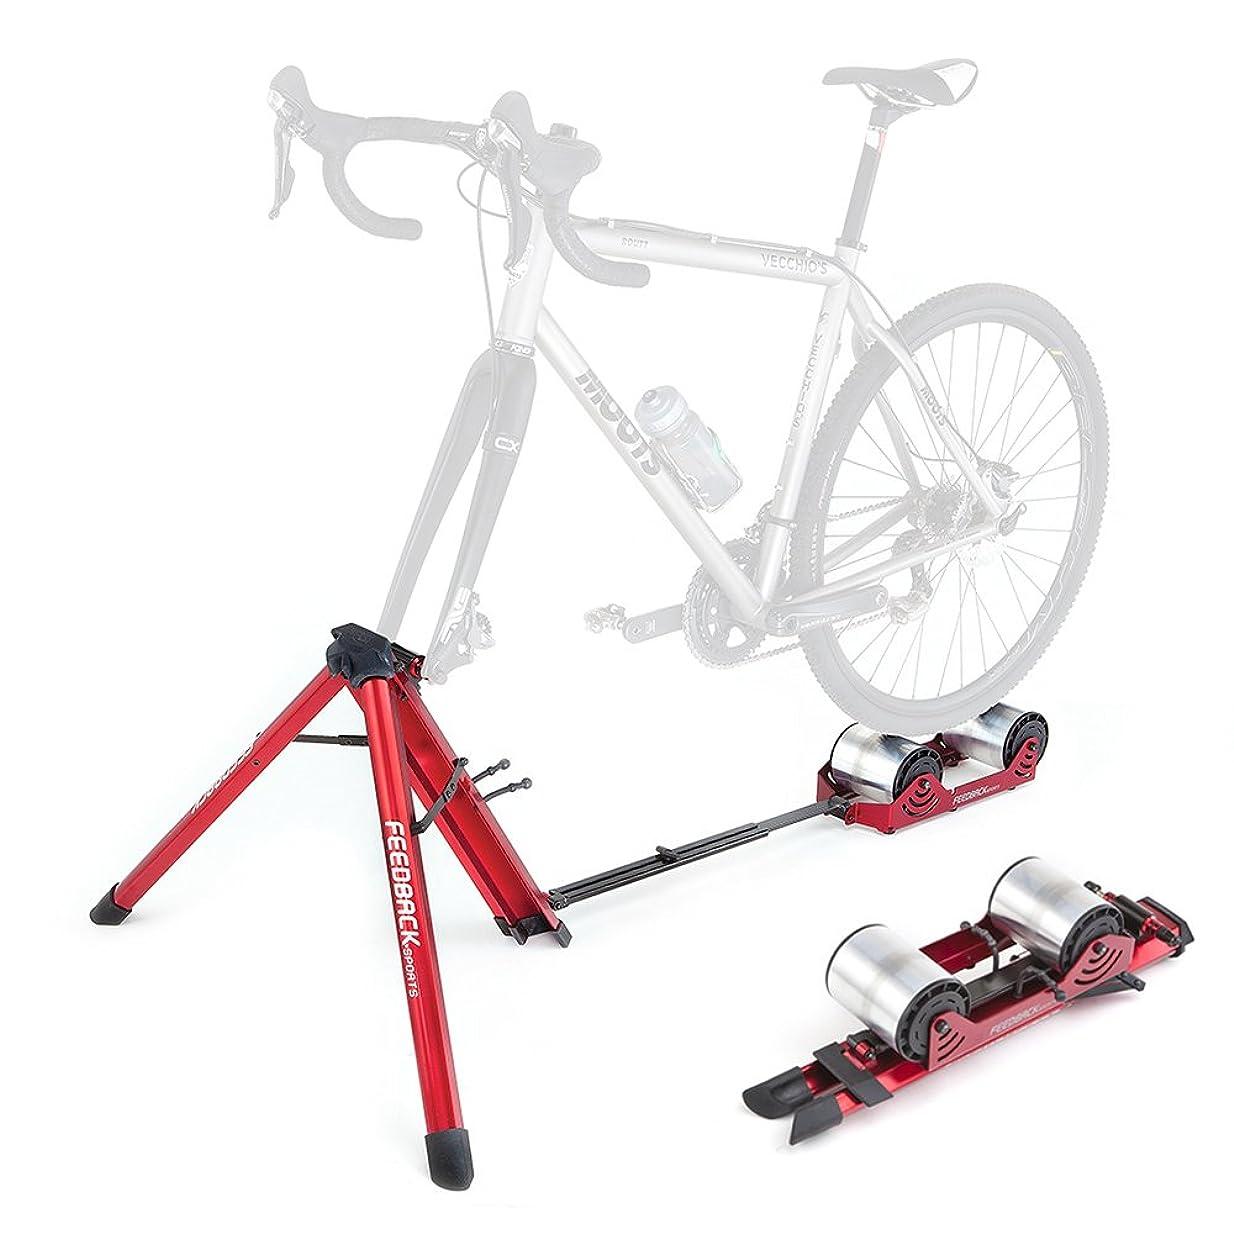 ログ飲食店国FEEDBACK SPORTS(フィードバックスポーツ) Portable Bike Trainer